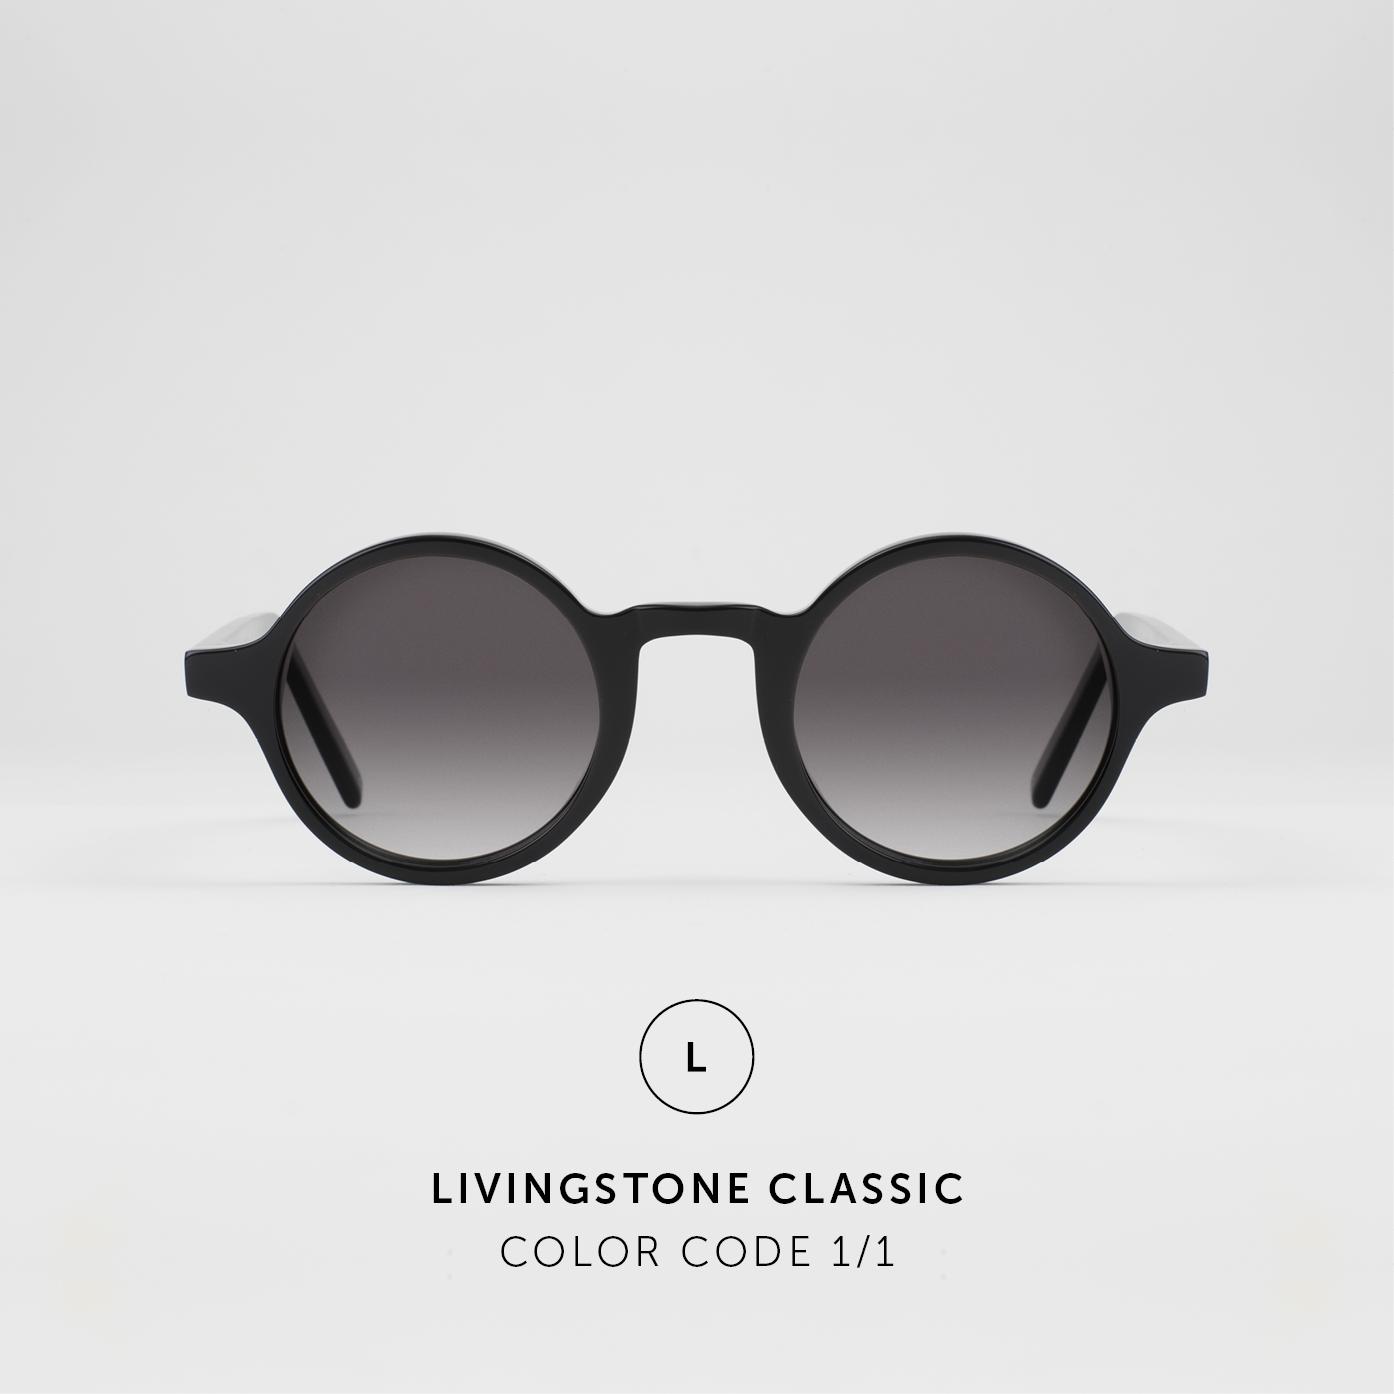 LivingstoneClassic3.jpg